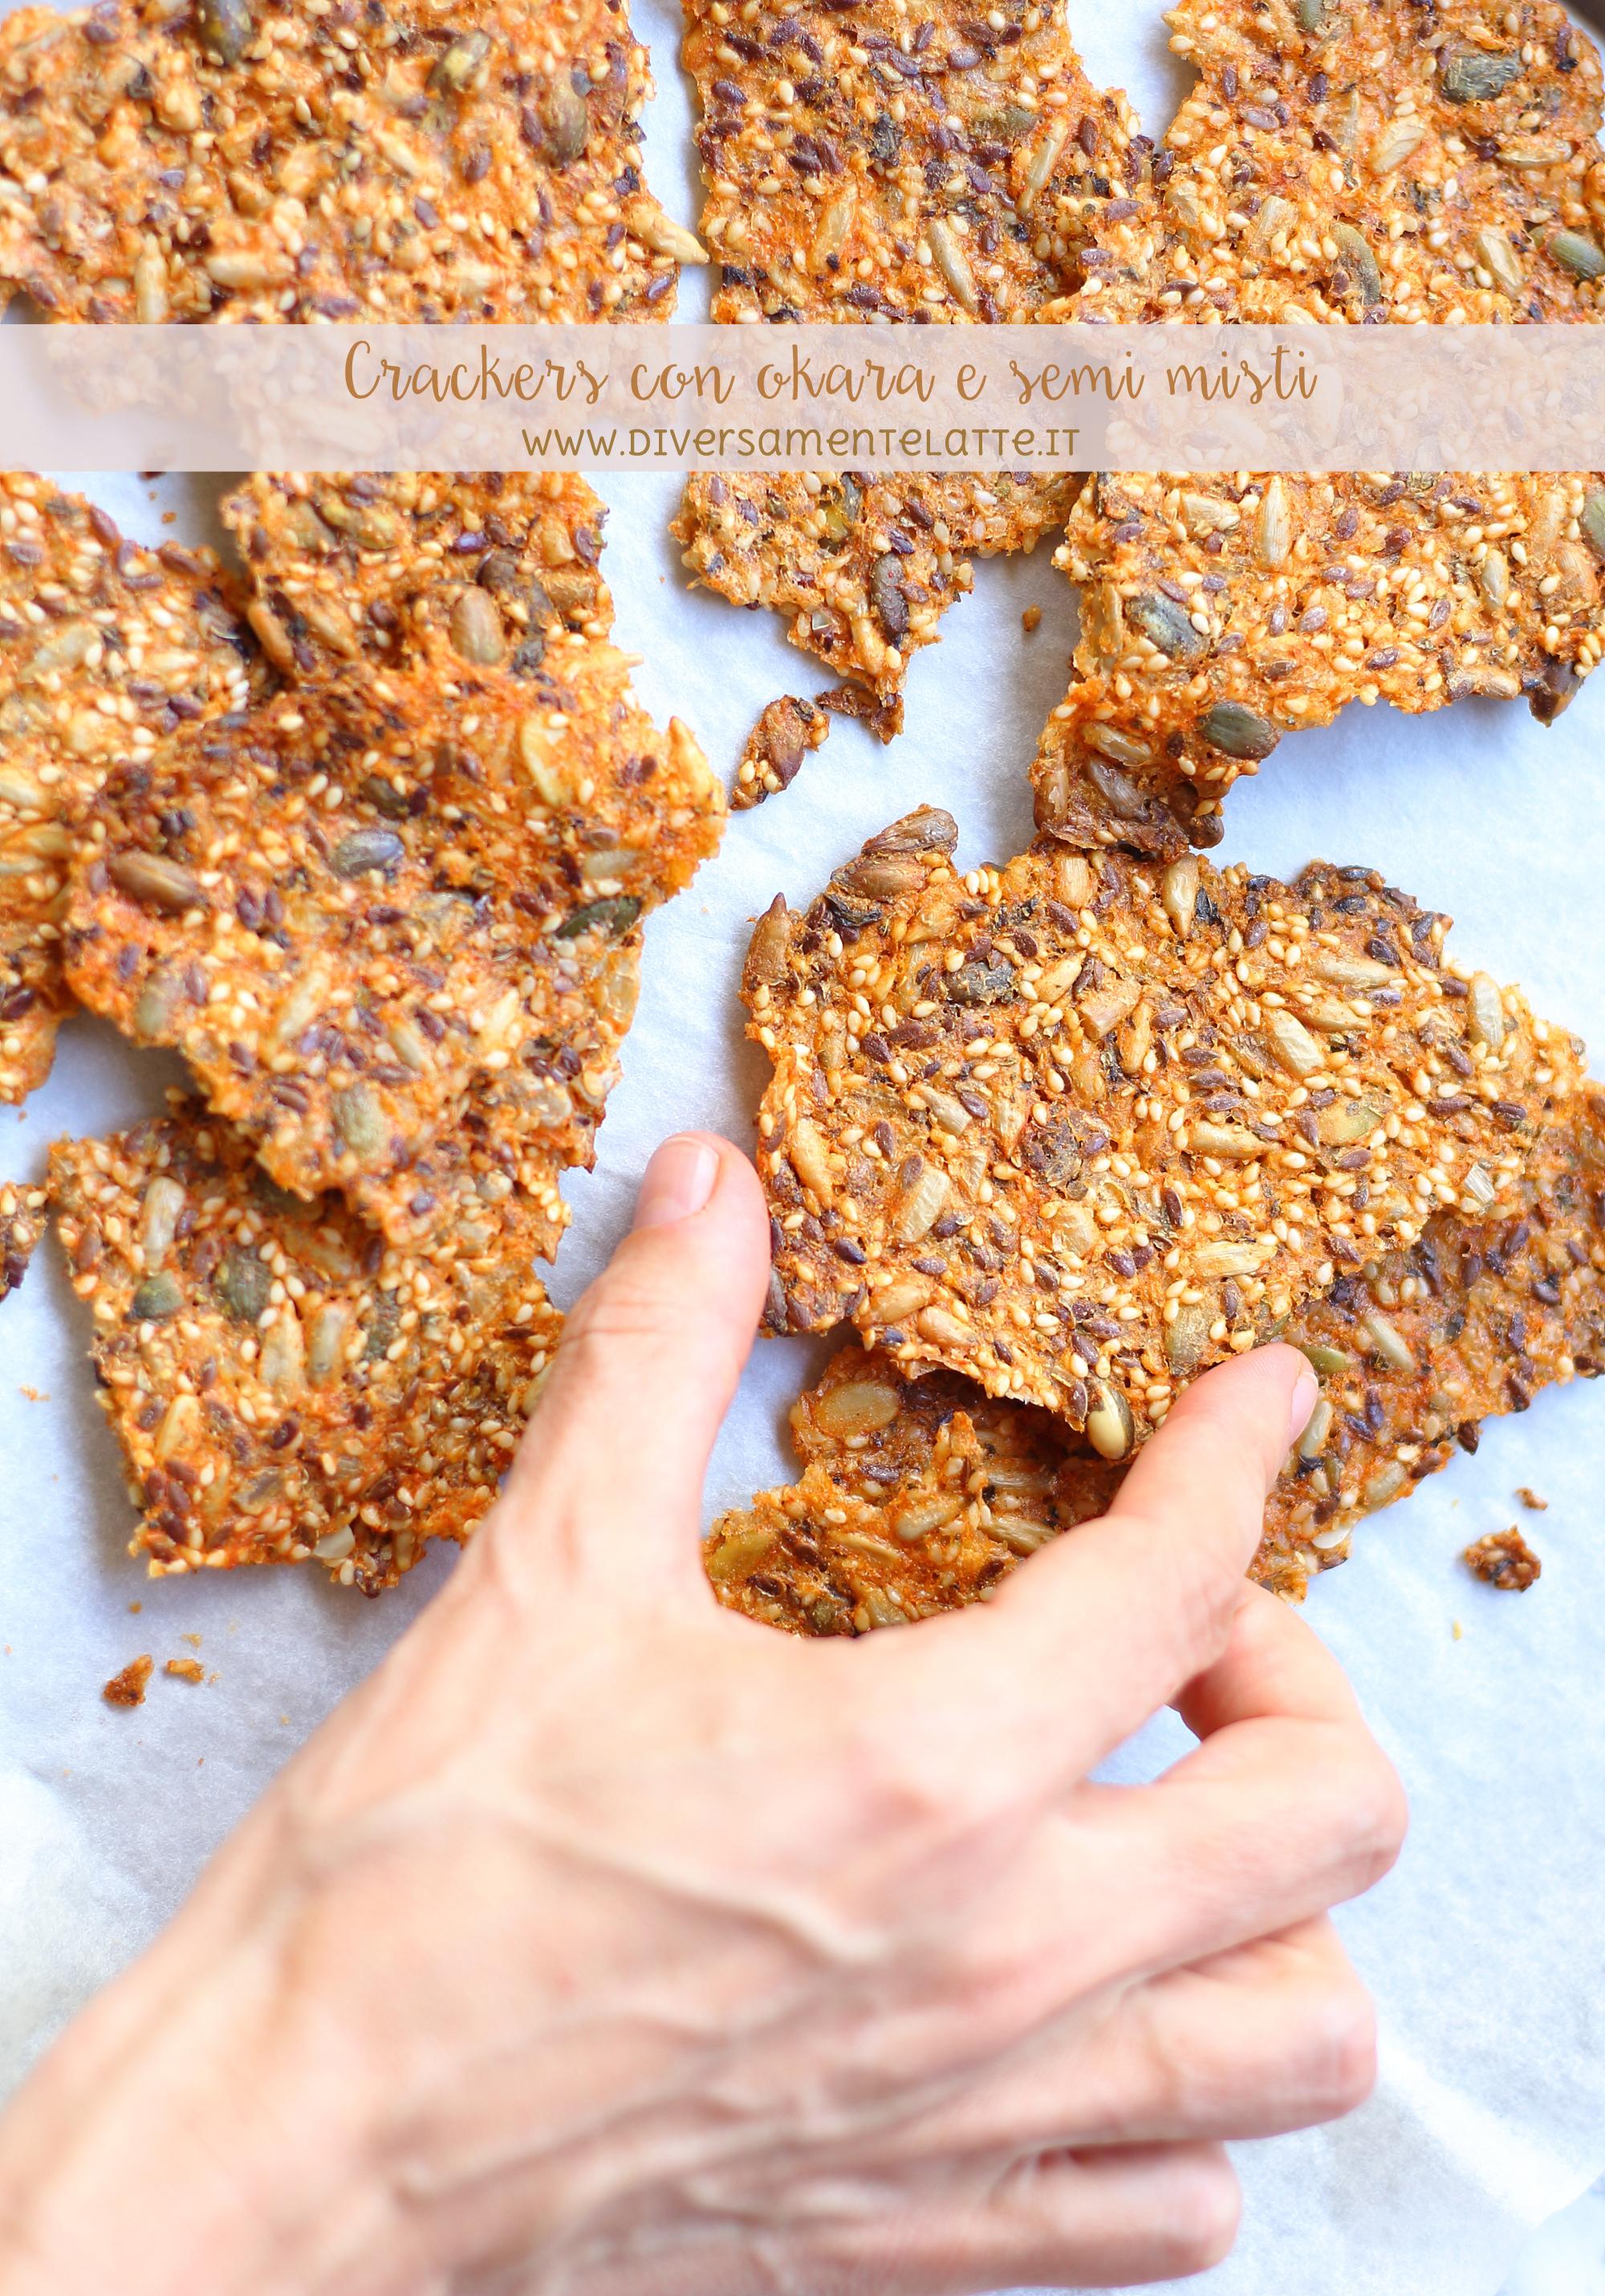 crackers con okara